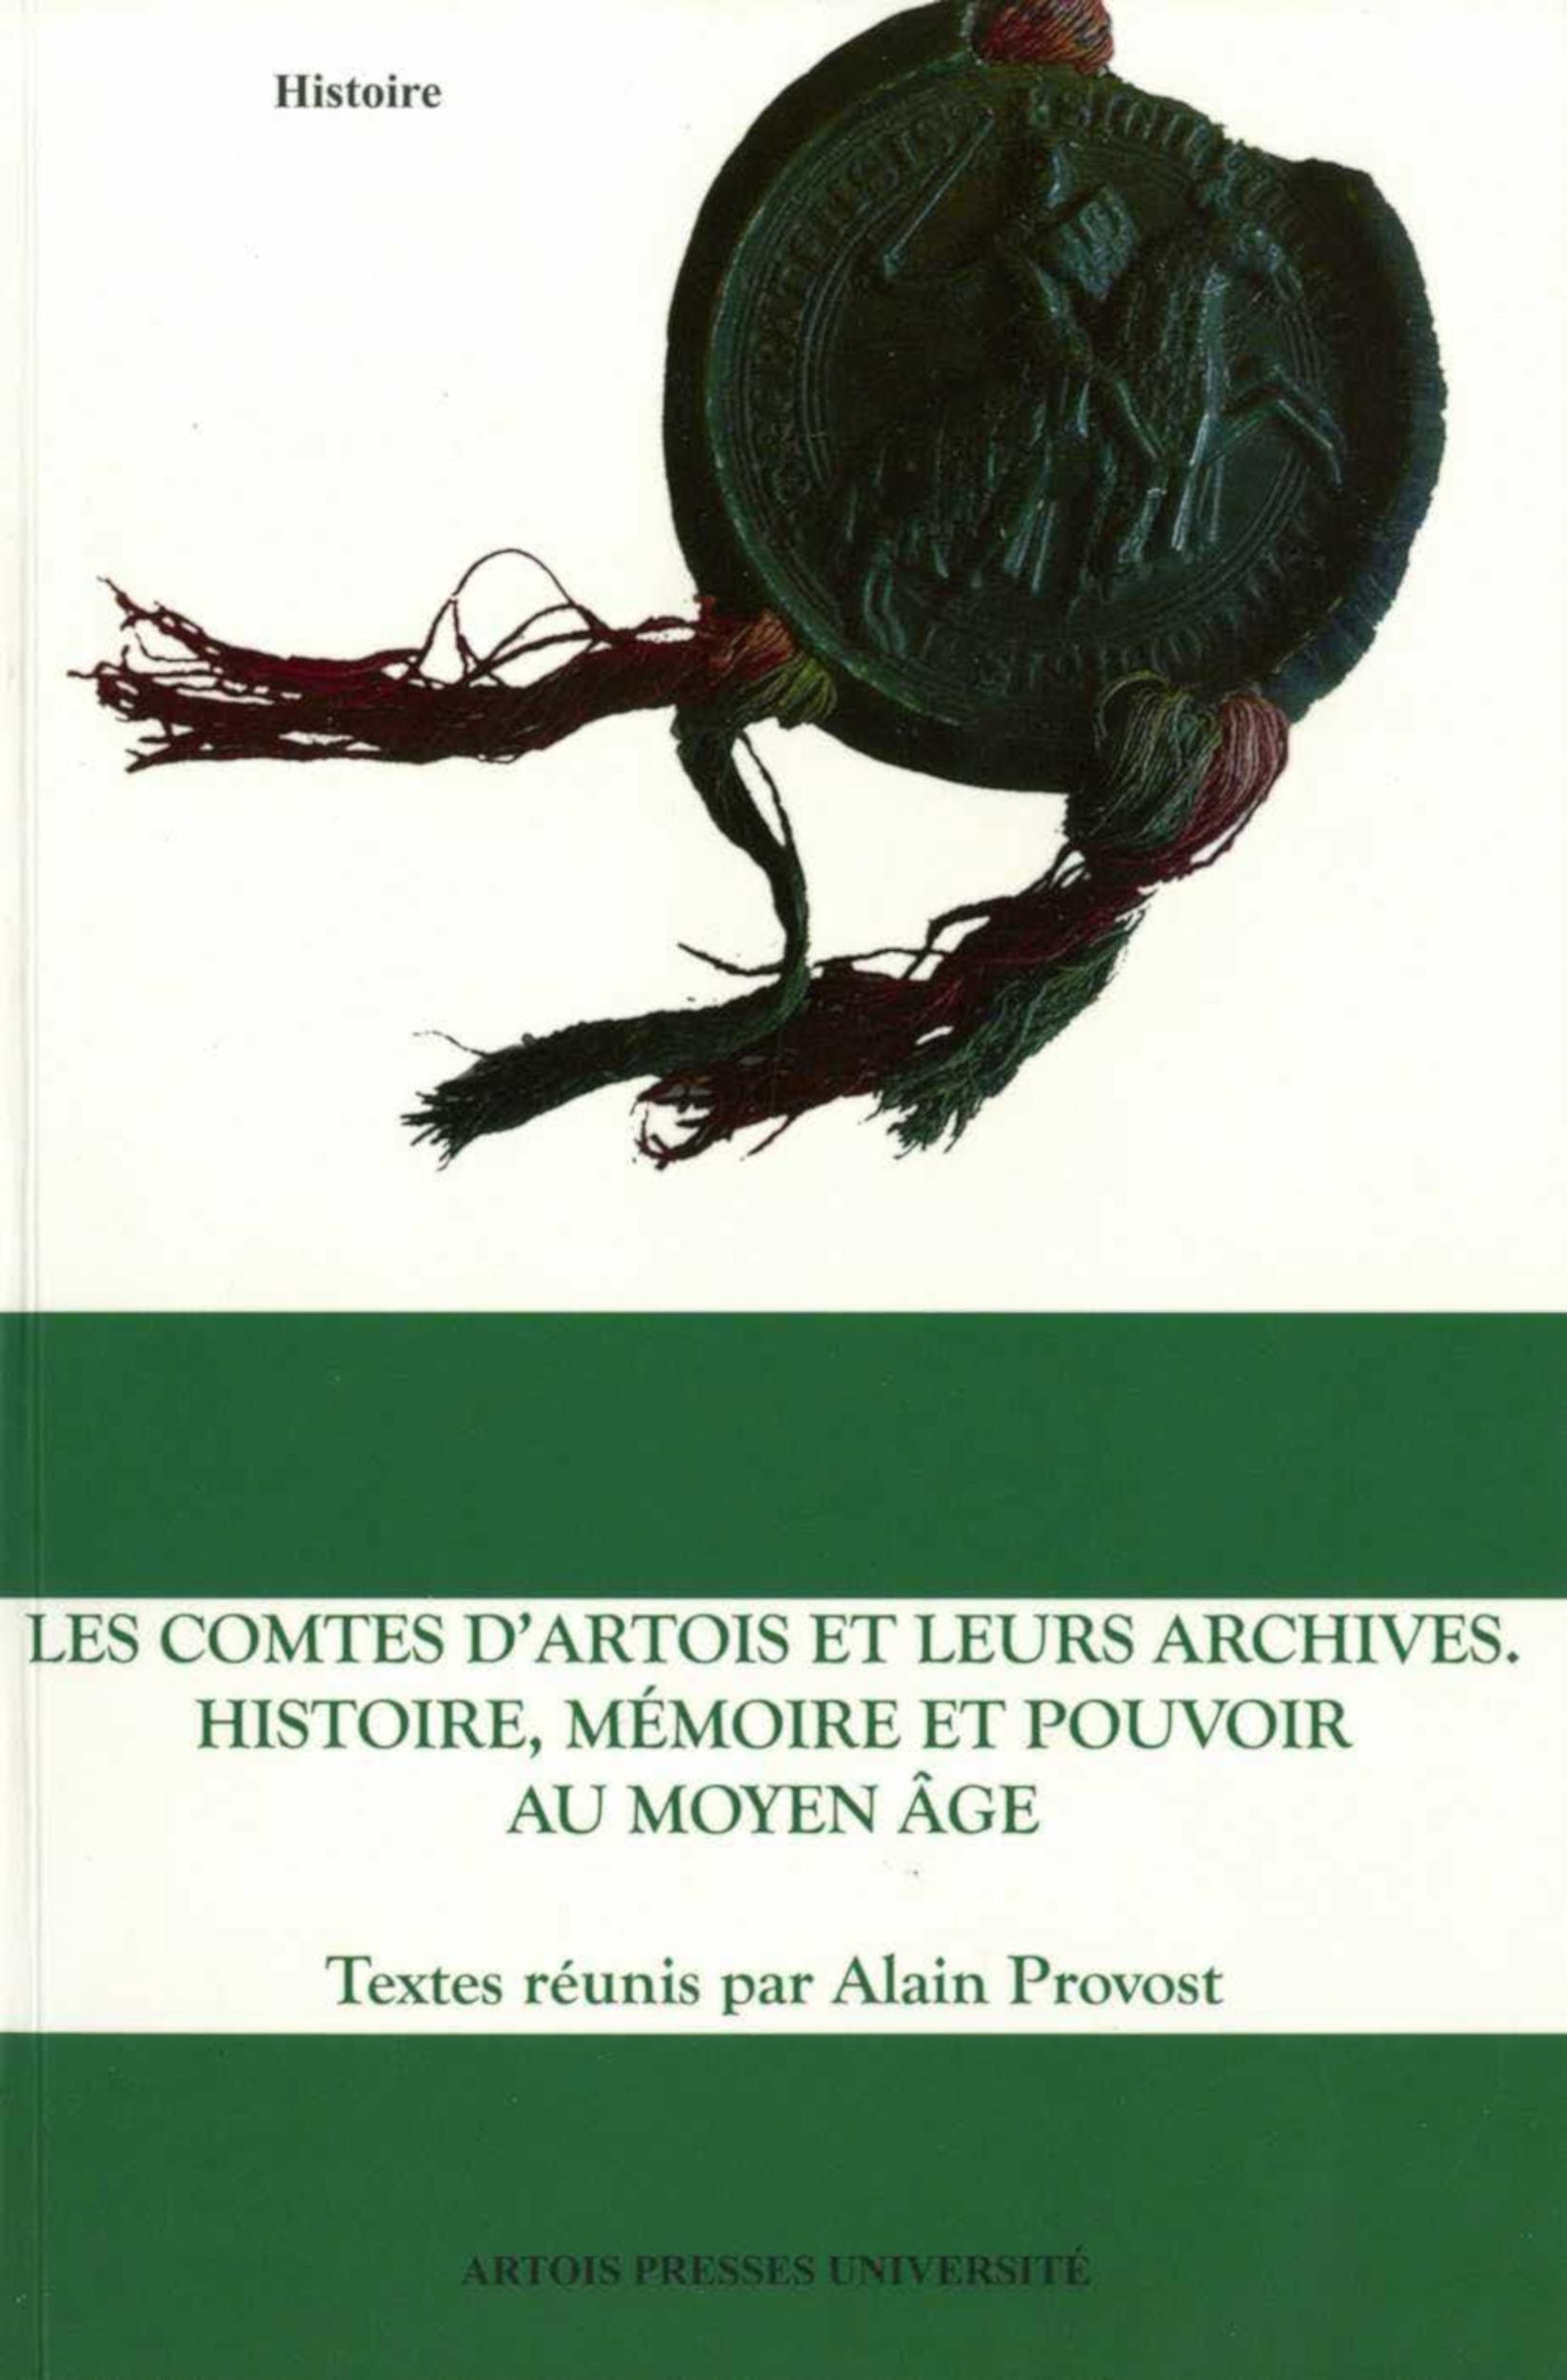 Les Comtes d´Artois et leurs archives. Histoire, mémoire et pouvoir au Moyen Âge